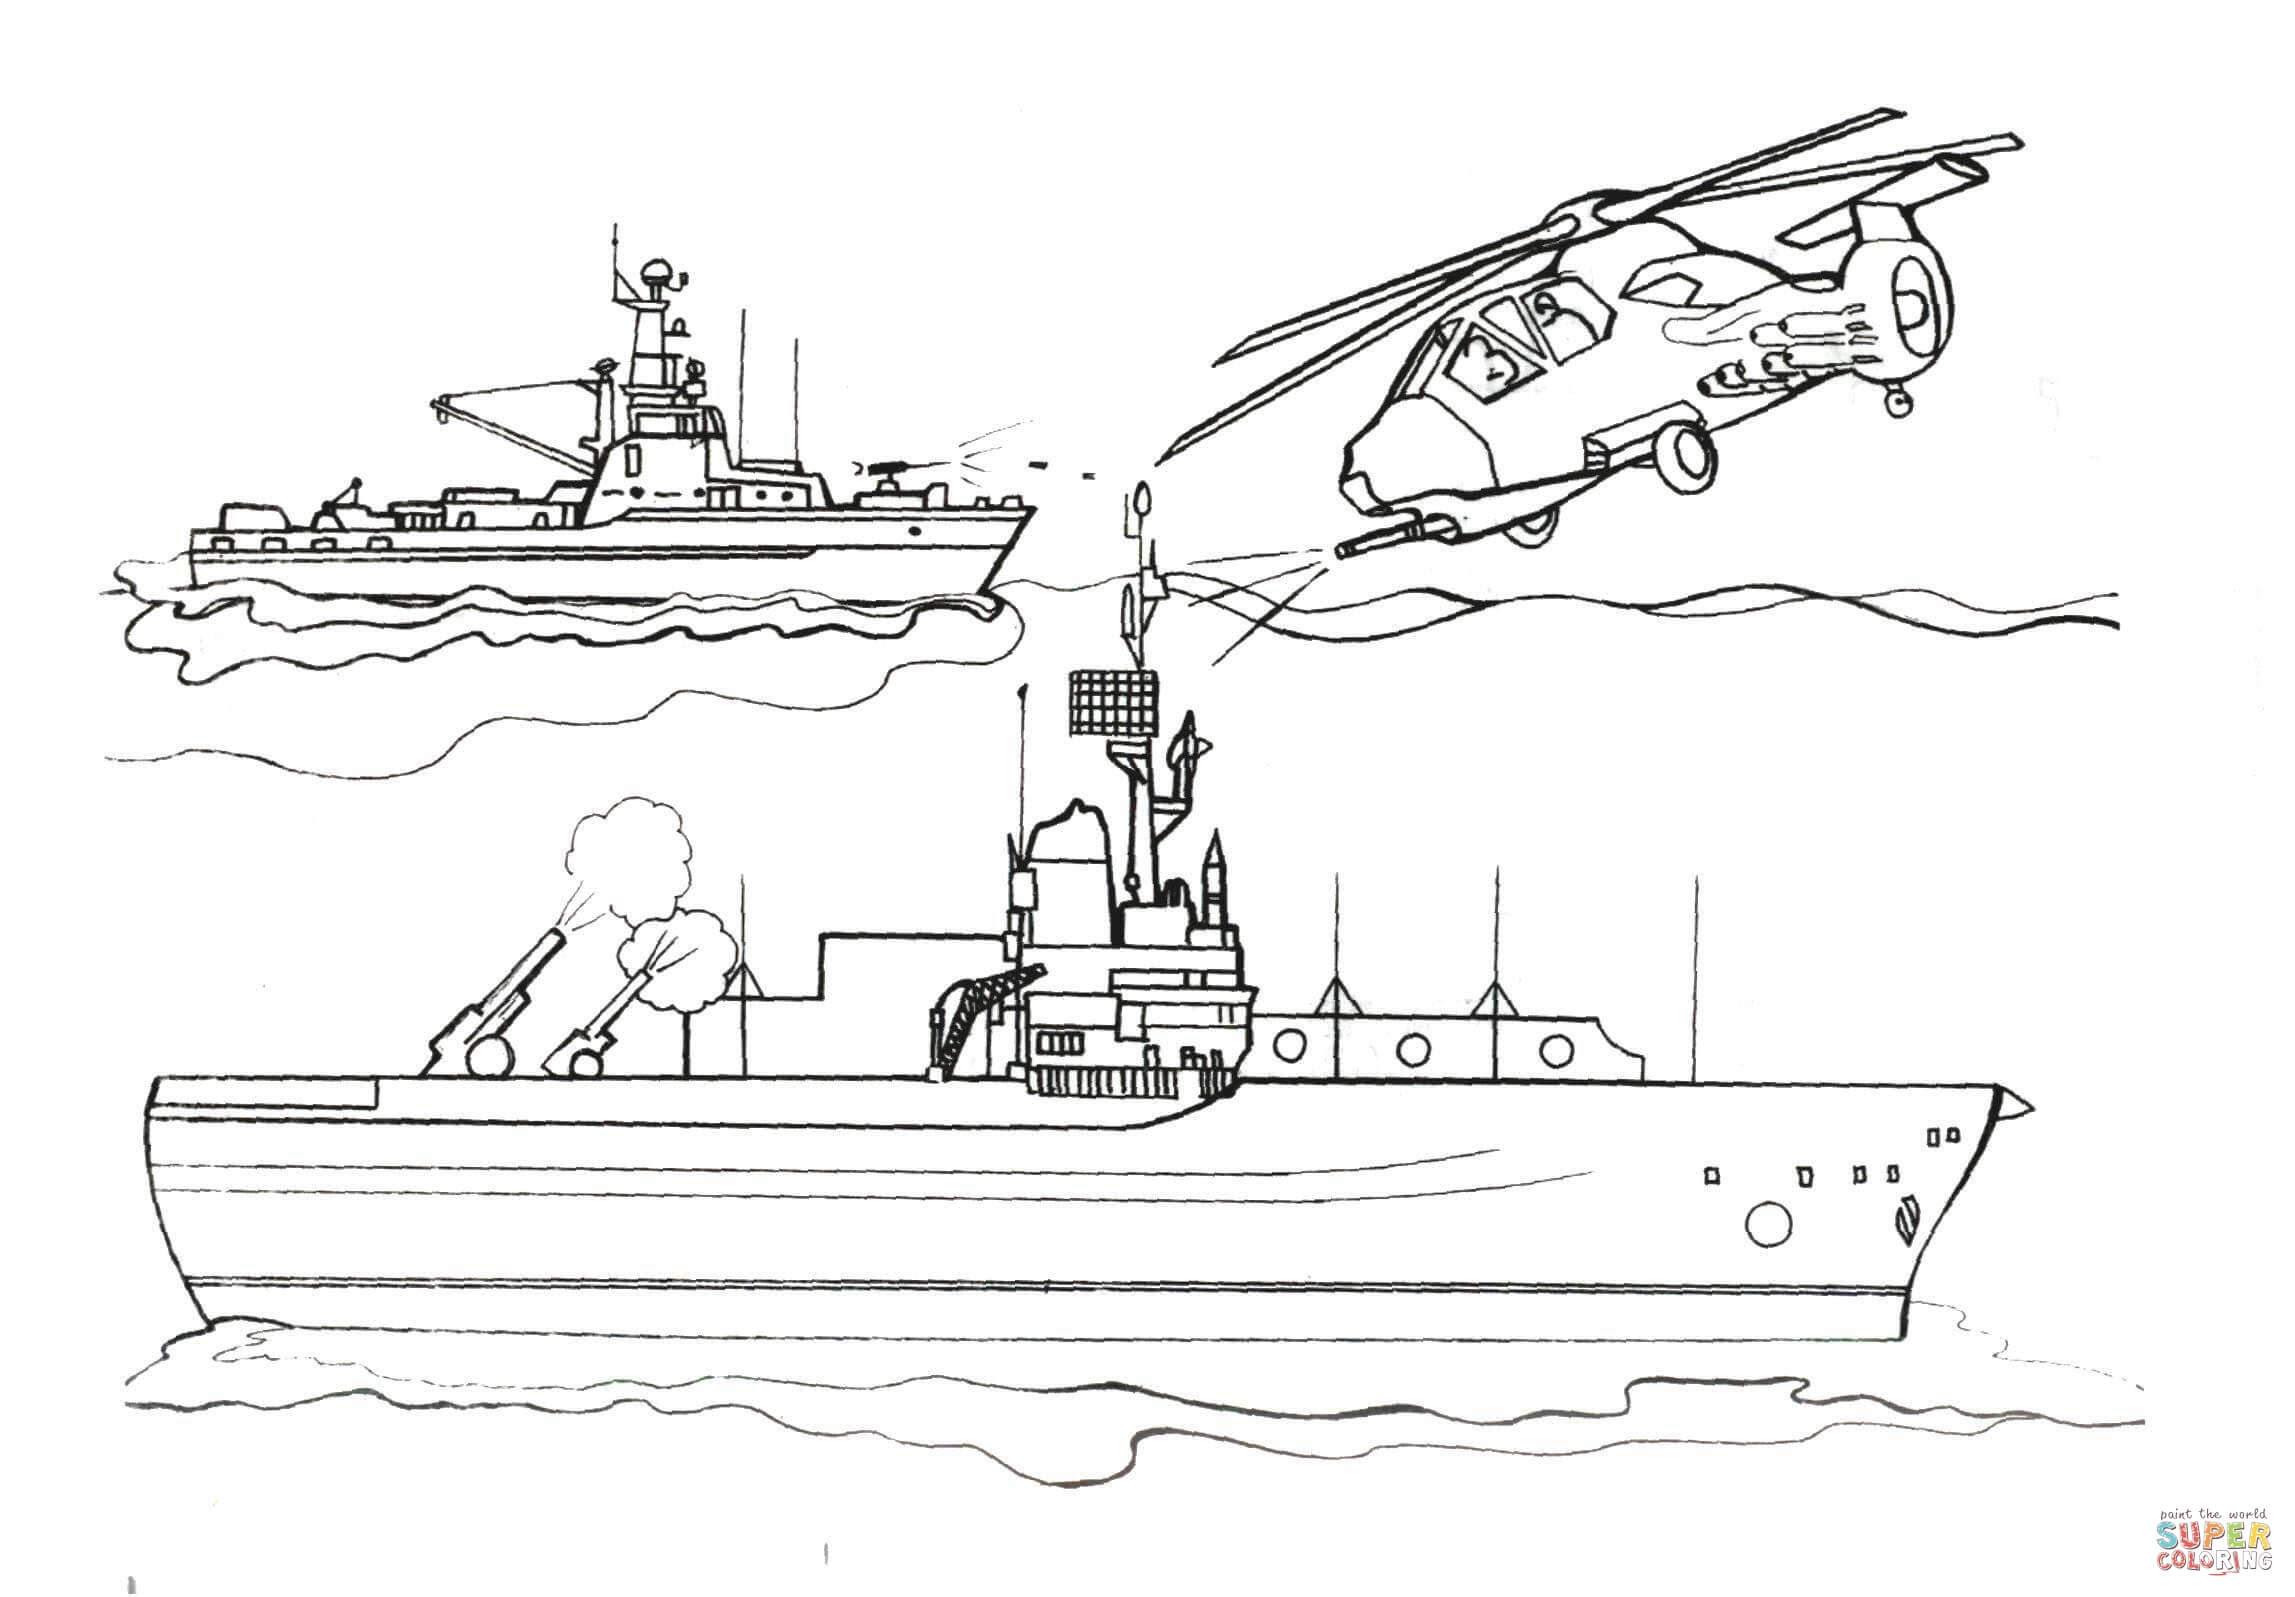 Klick das Bild Hubschrauber greift das erste Schlachtschiff an